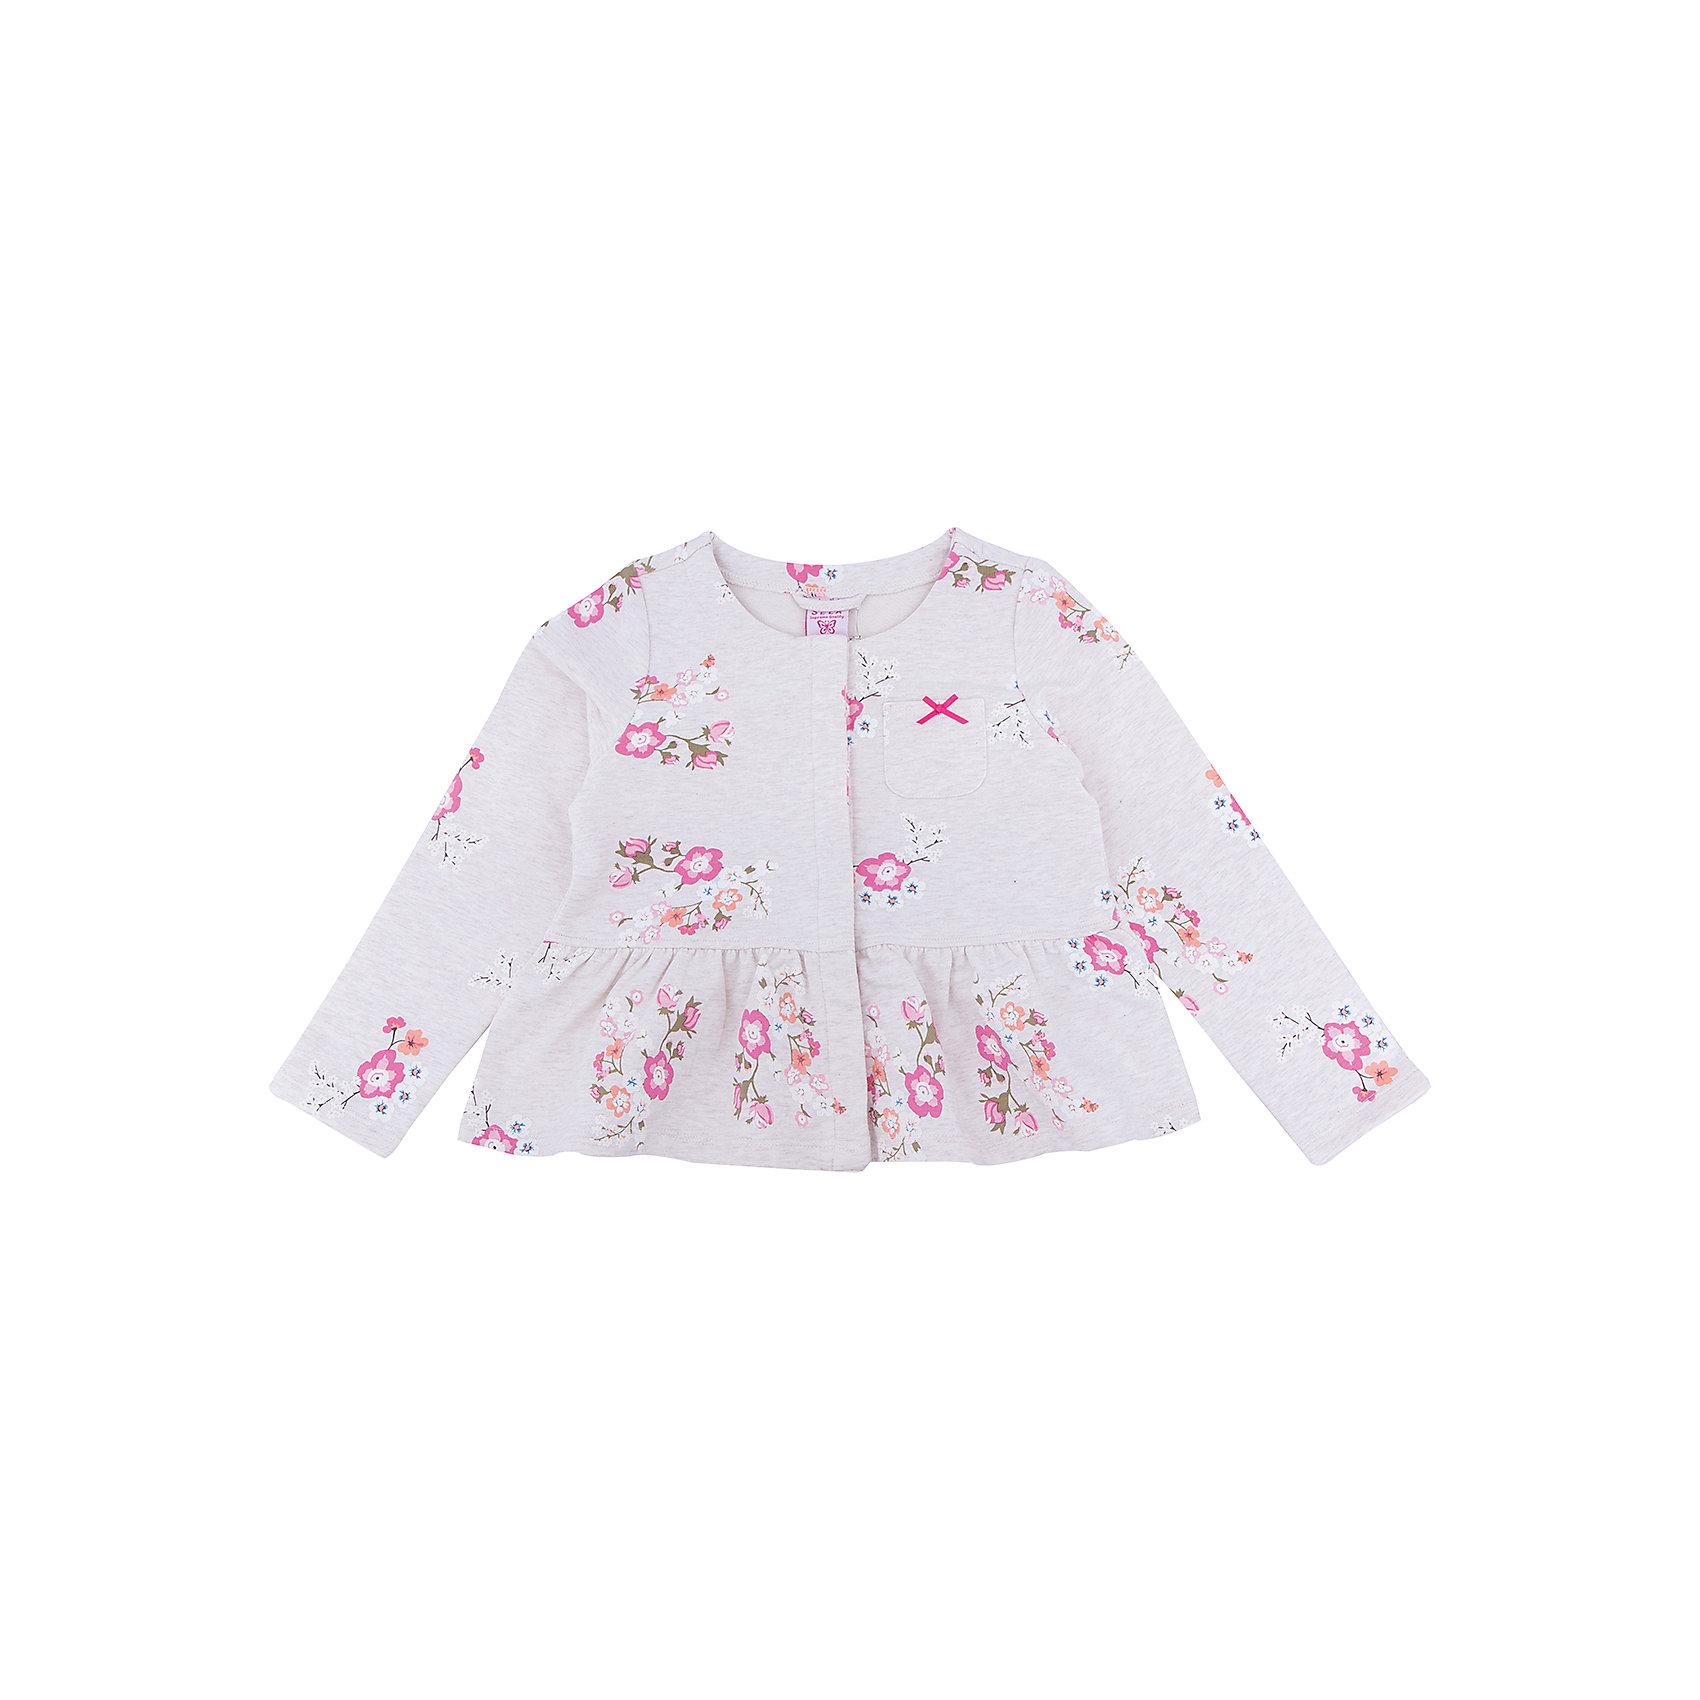 Жакет для девочки SELAВерхняя одежда<br>Жакет для девочки SELA<br><br>Характеристики:<br><br>• Цвет бежевый.<br>• Рукав длинный.<br>• Силуэт прямой.<br>• Состав: 95% хлопок, 5% эластан.<br><br><br>Симпатичный жакет для девочки от признанного лидера по созданию коллекций одежды в стиле casual - SELA. Стильный жакет из хлопкового трикотажа бежевого цвета украшен стильным цветочным принтом . Натуральный хлопок в составе изделия делает его дышащим, приятным на ощупь и гипоаллергенным. С таким жакетом можно создать много разных ансамблей - одинаково хорошо будет смотреться и нарядная юбочка и классические джинсы.<br><br>Жакет для девочки SELA, можно купить в нашем интернет - магазине.<br><br>Ширина мм: 190<br>Глубина мм: 74<br>Высота мм: 229<br>Вес г: 236<br>Цвет: бежевый<br>Возраст от месяцев: 60<br>Возраст до месяцев: 72<br>Пол: Женский<br>Возраст: Детский<br>Размер: 116,98,104,110<br>SKU: 5020192